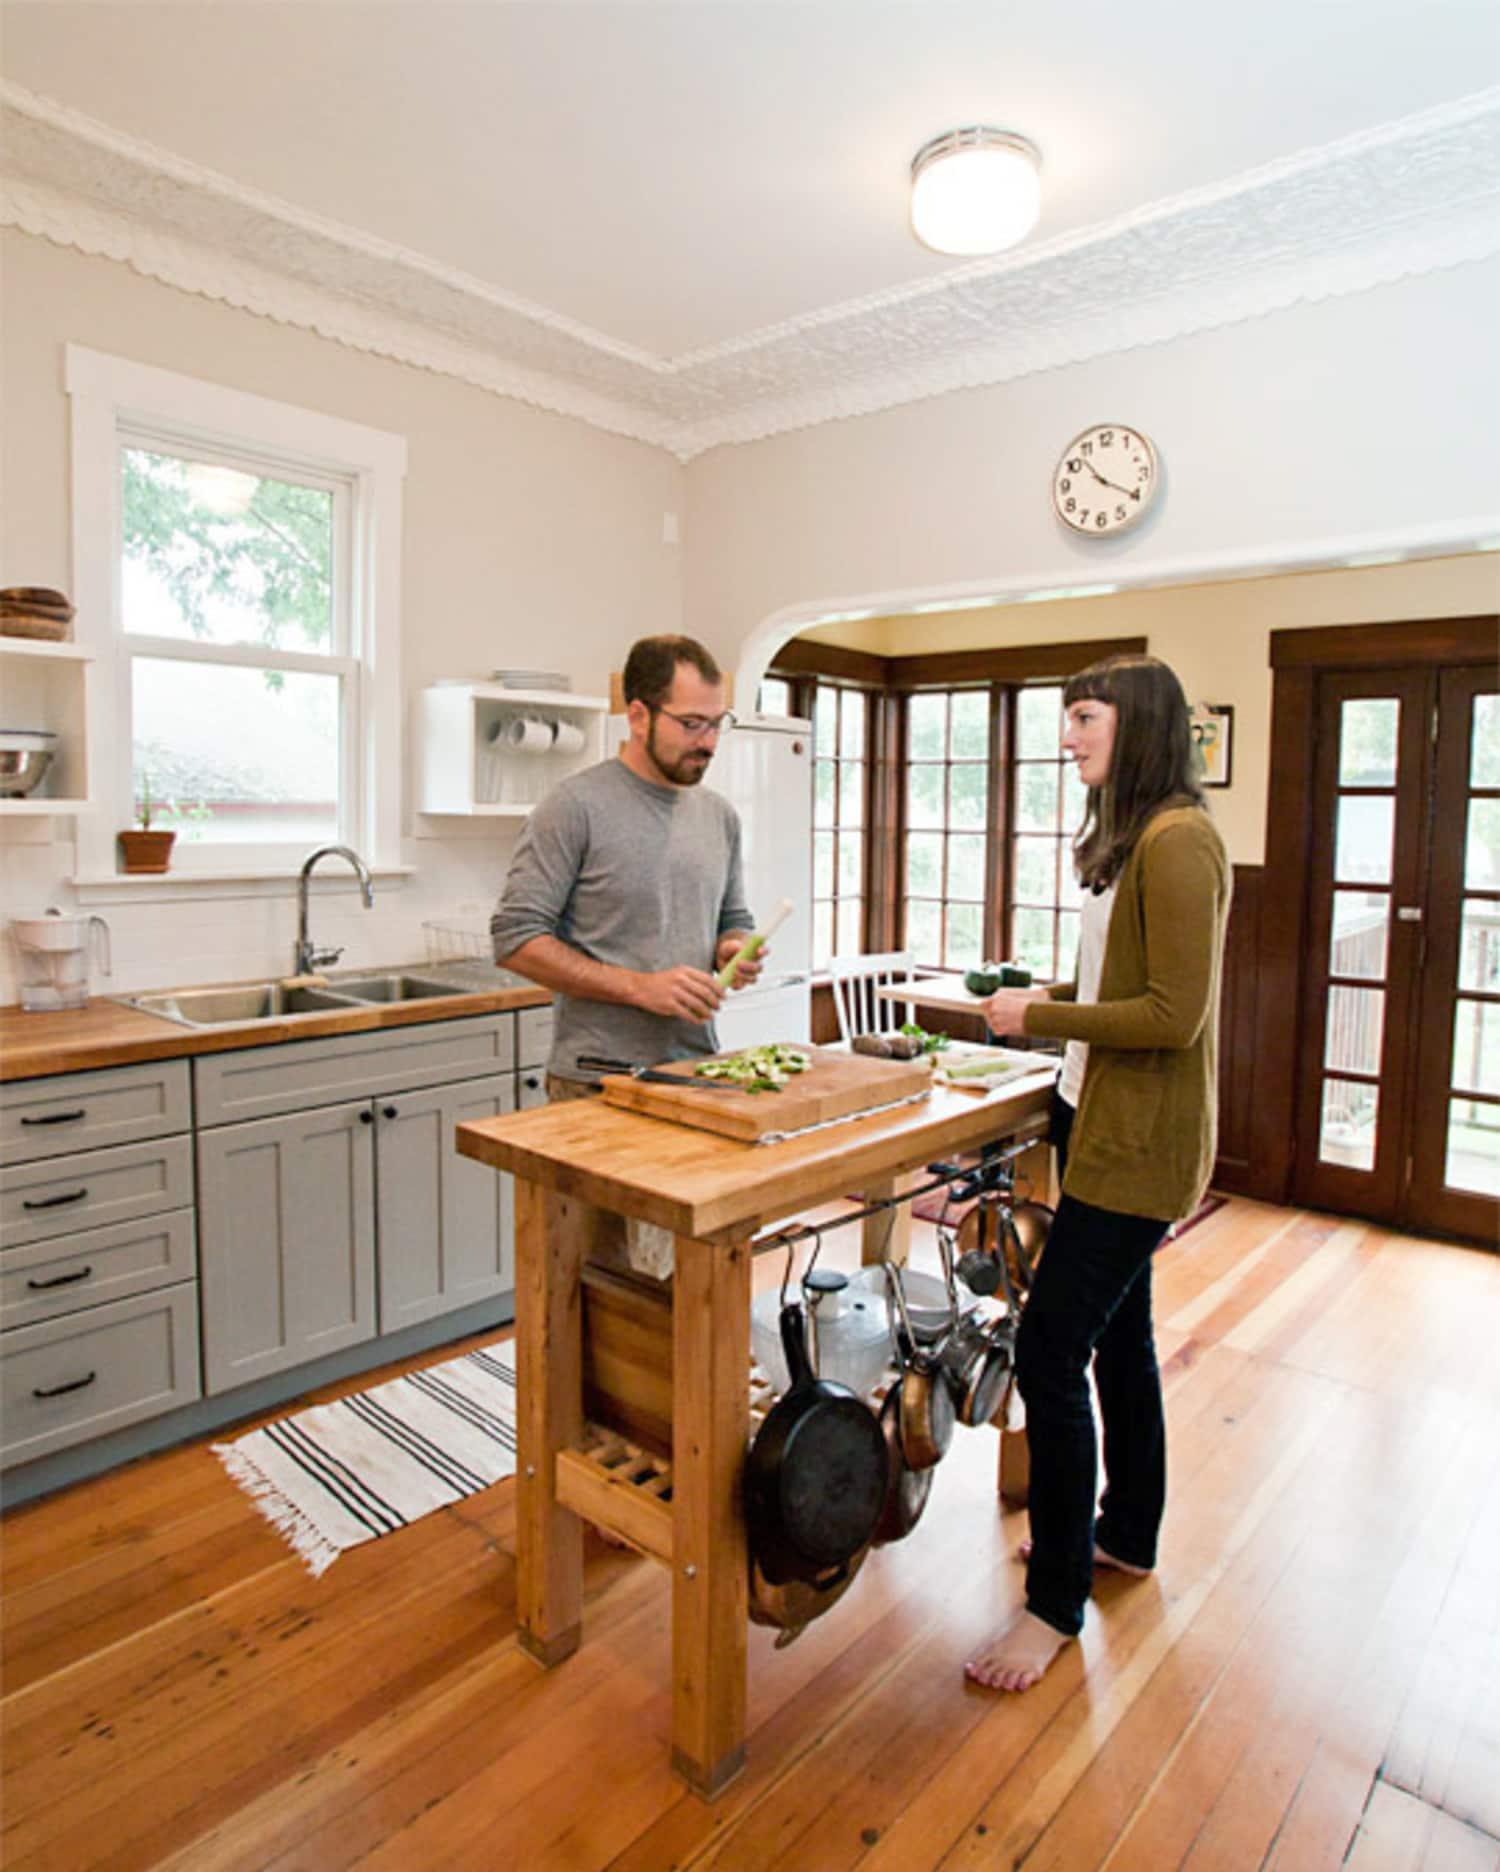 Jenny & Asmund's $4000 Renovated Kitchen & Garden